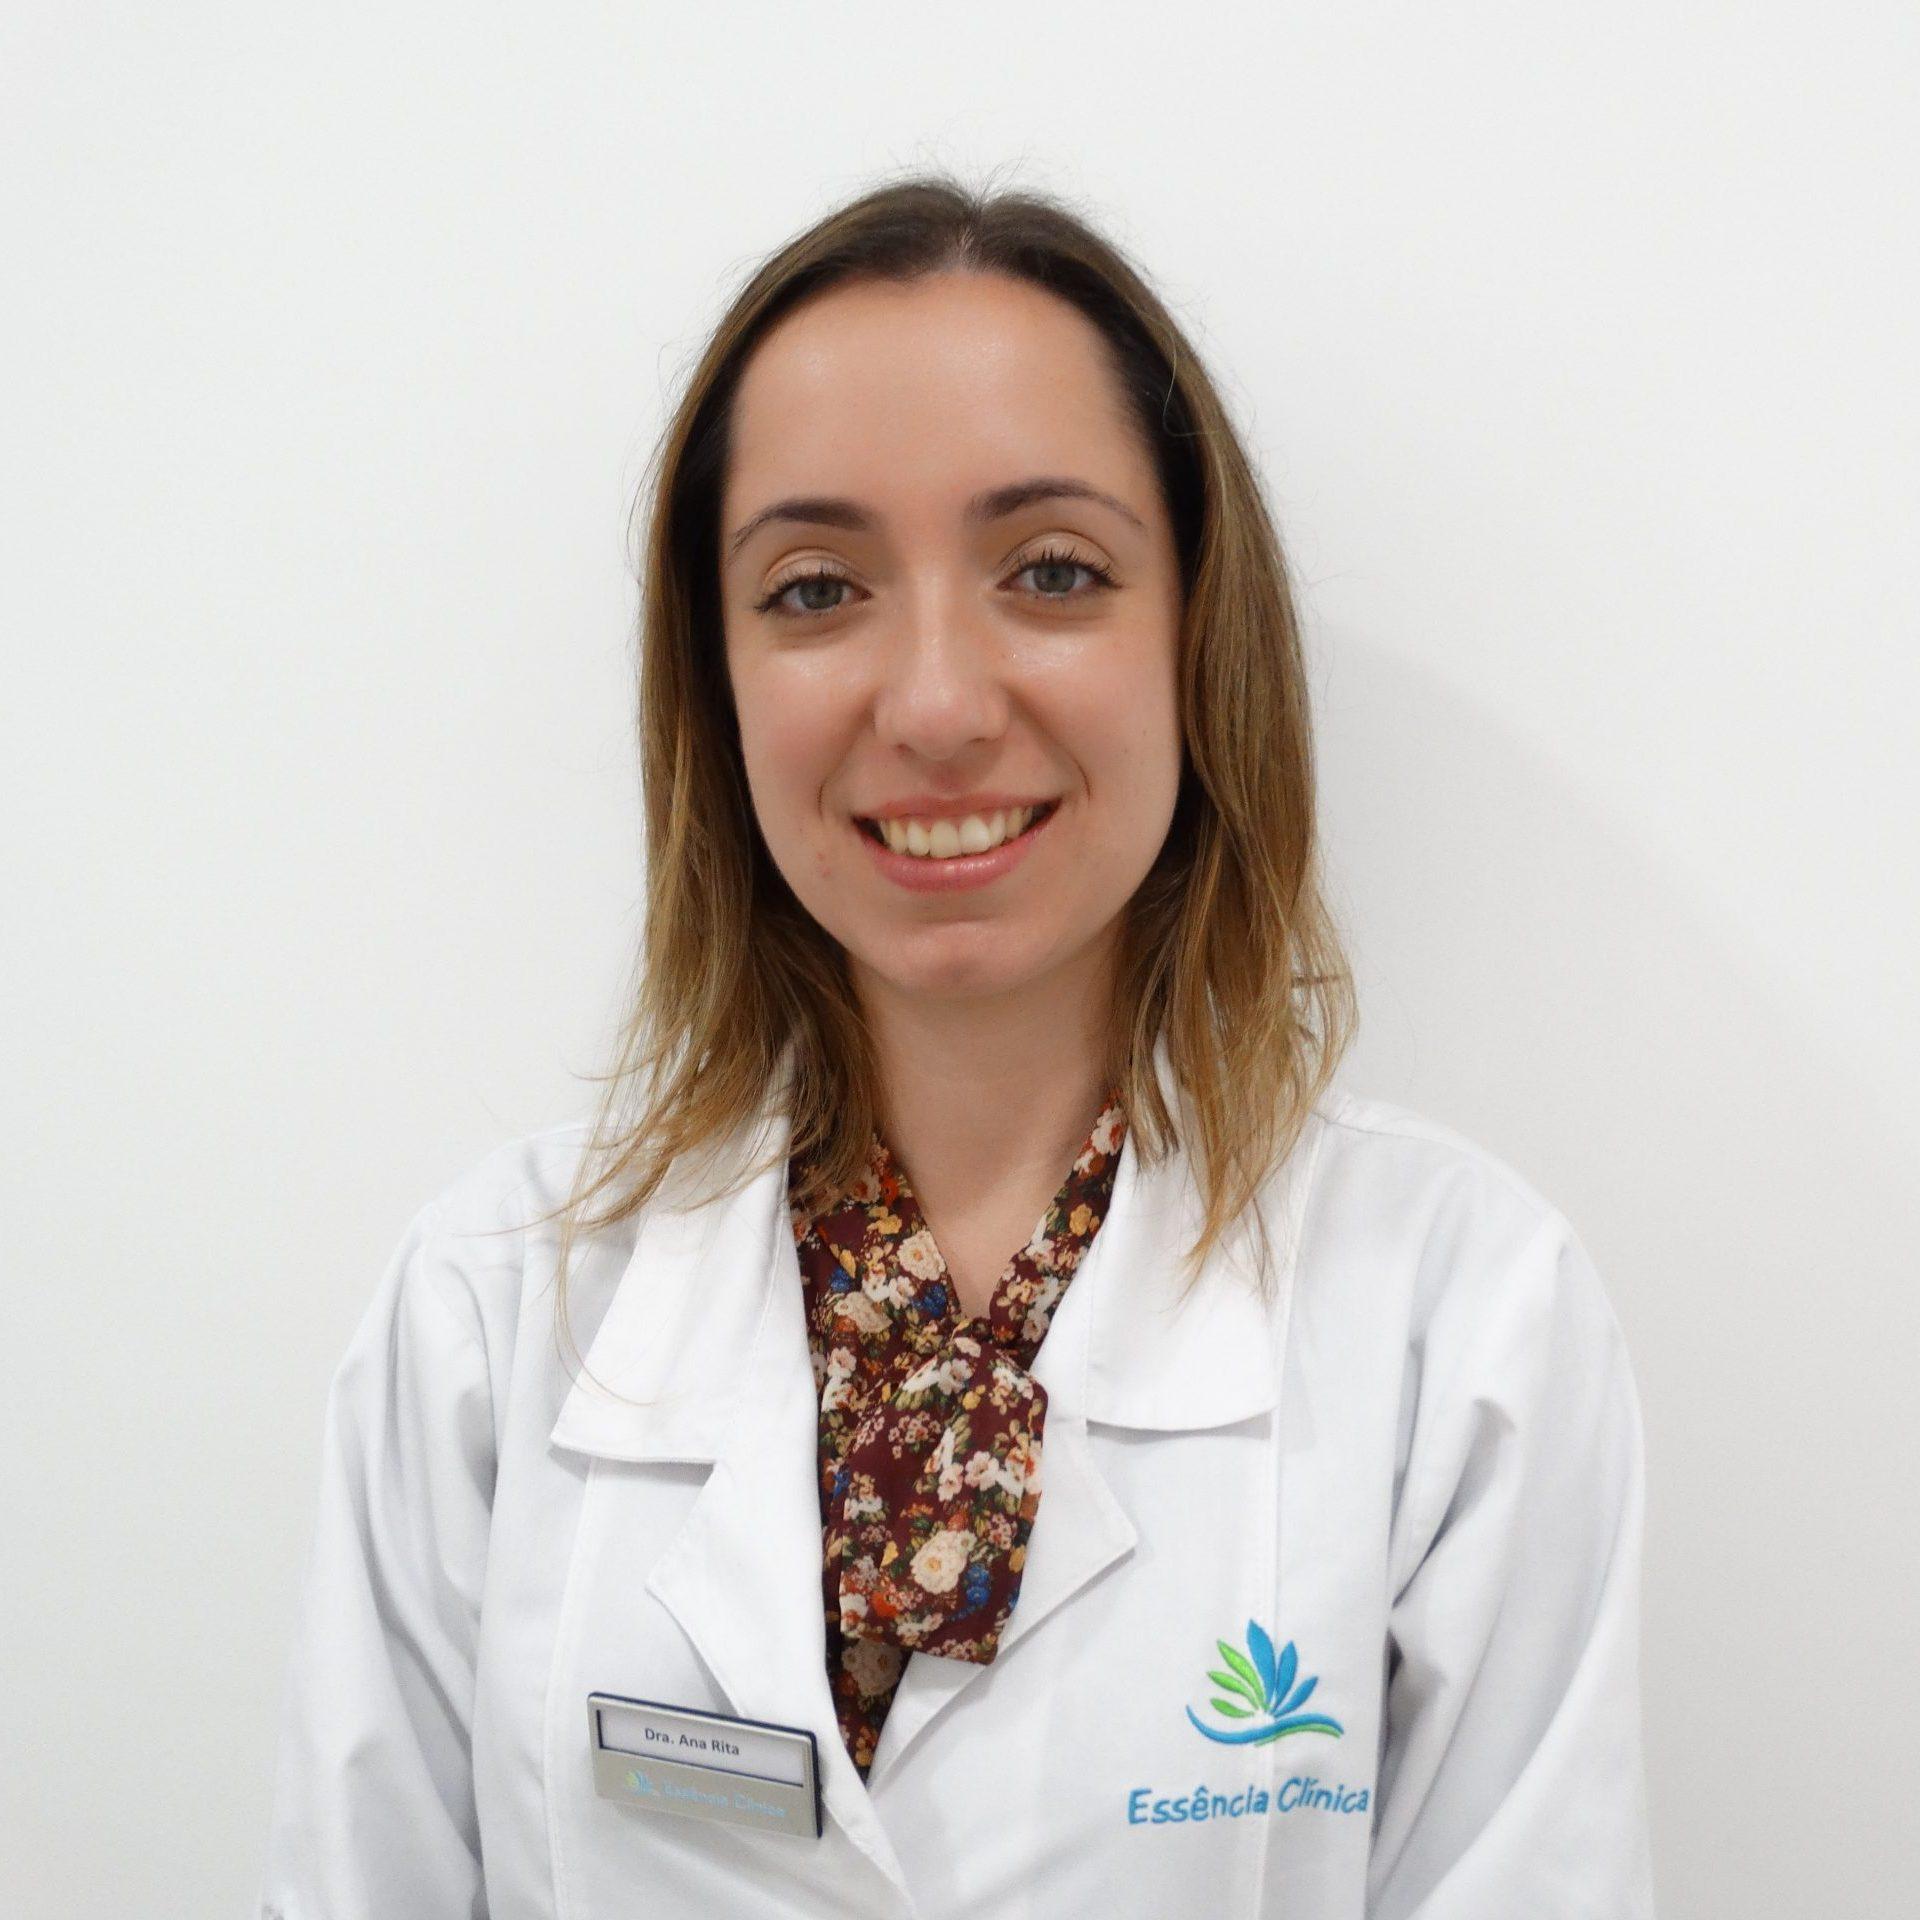 Professora de Educação Especial Ana Rita Sousa